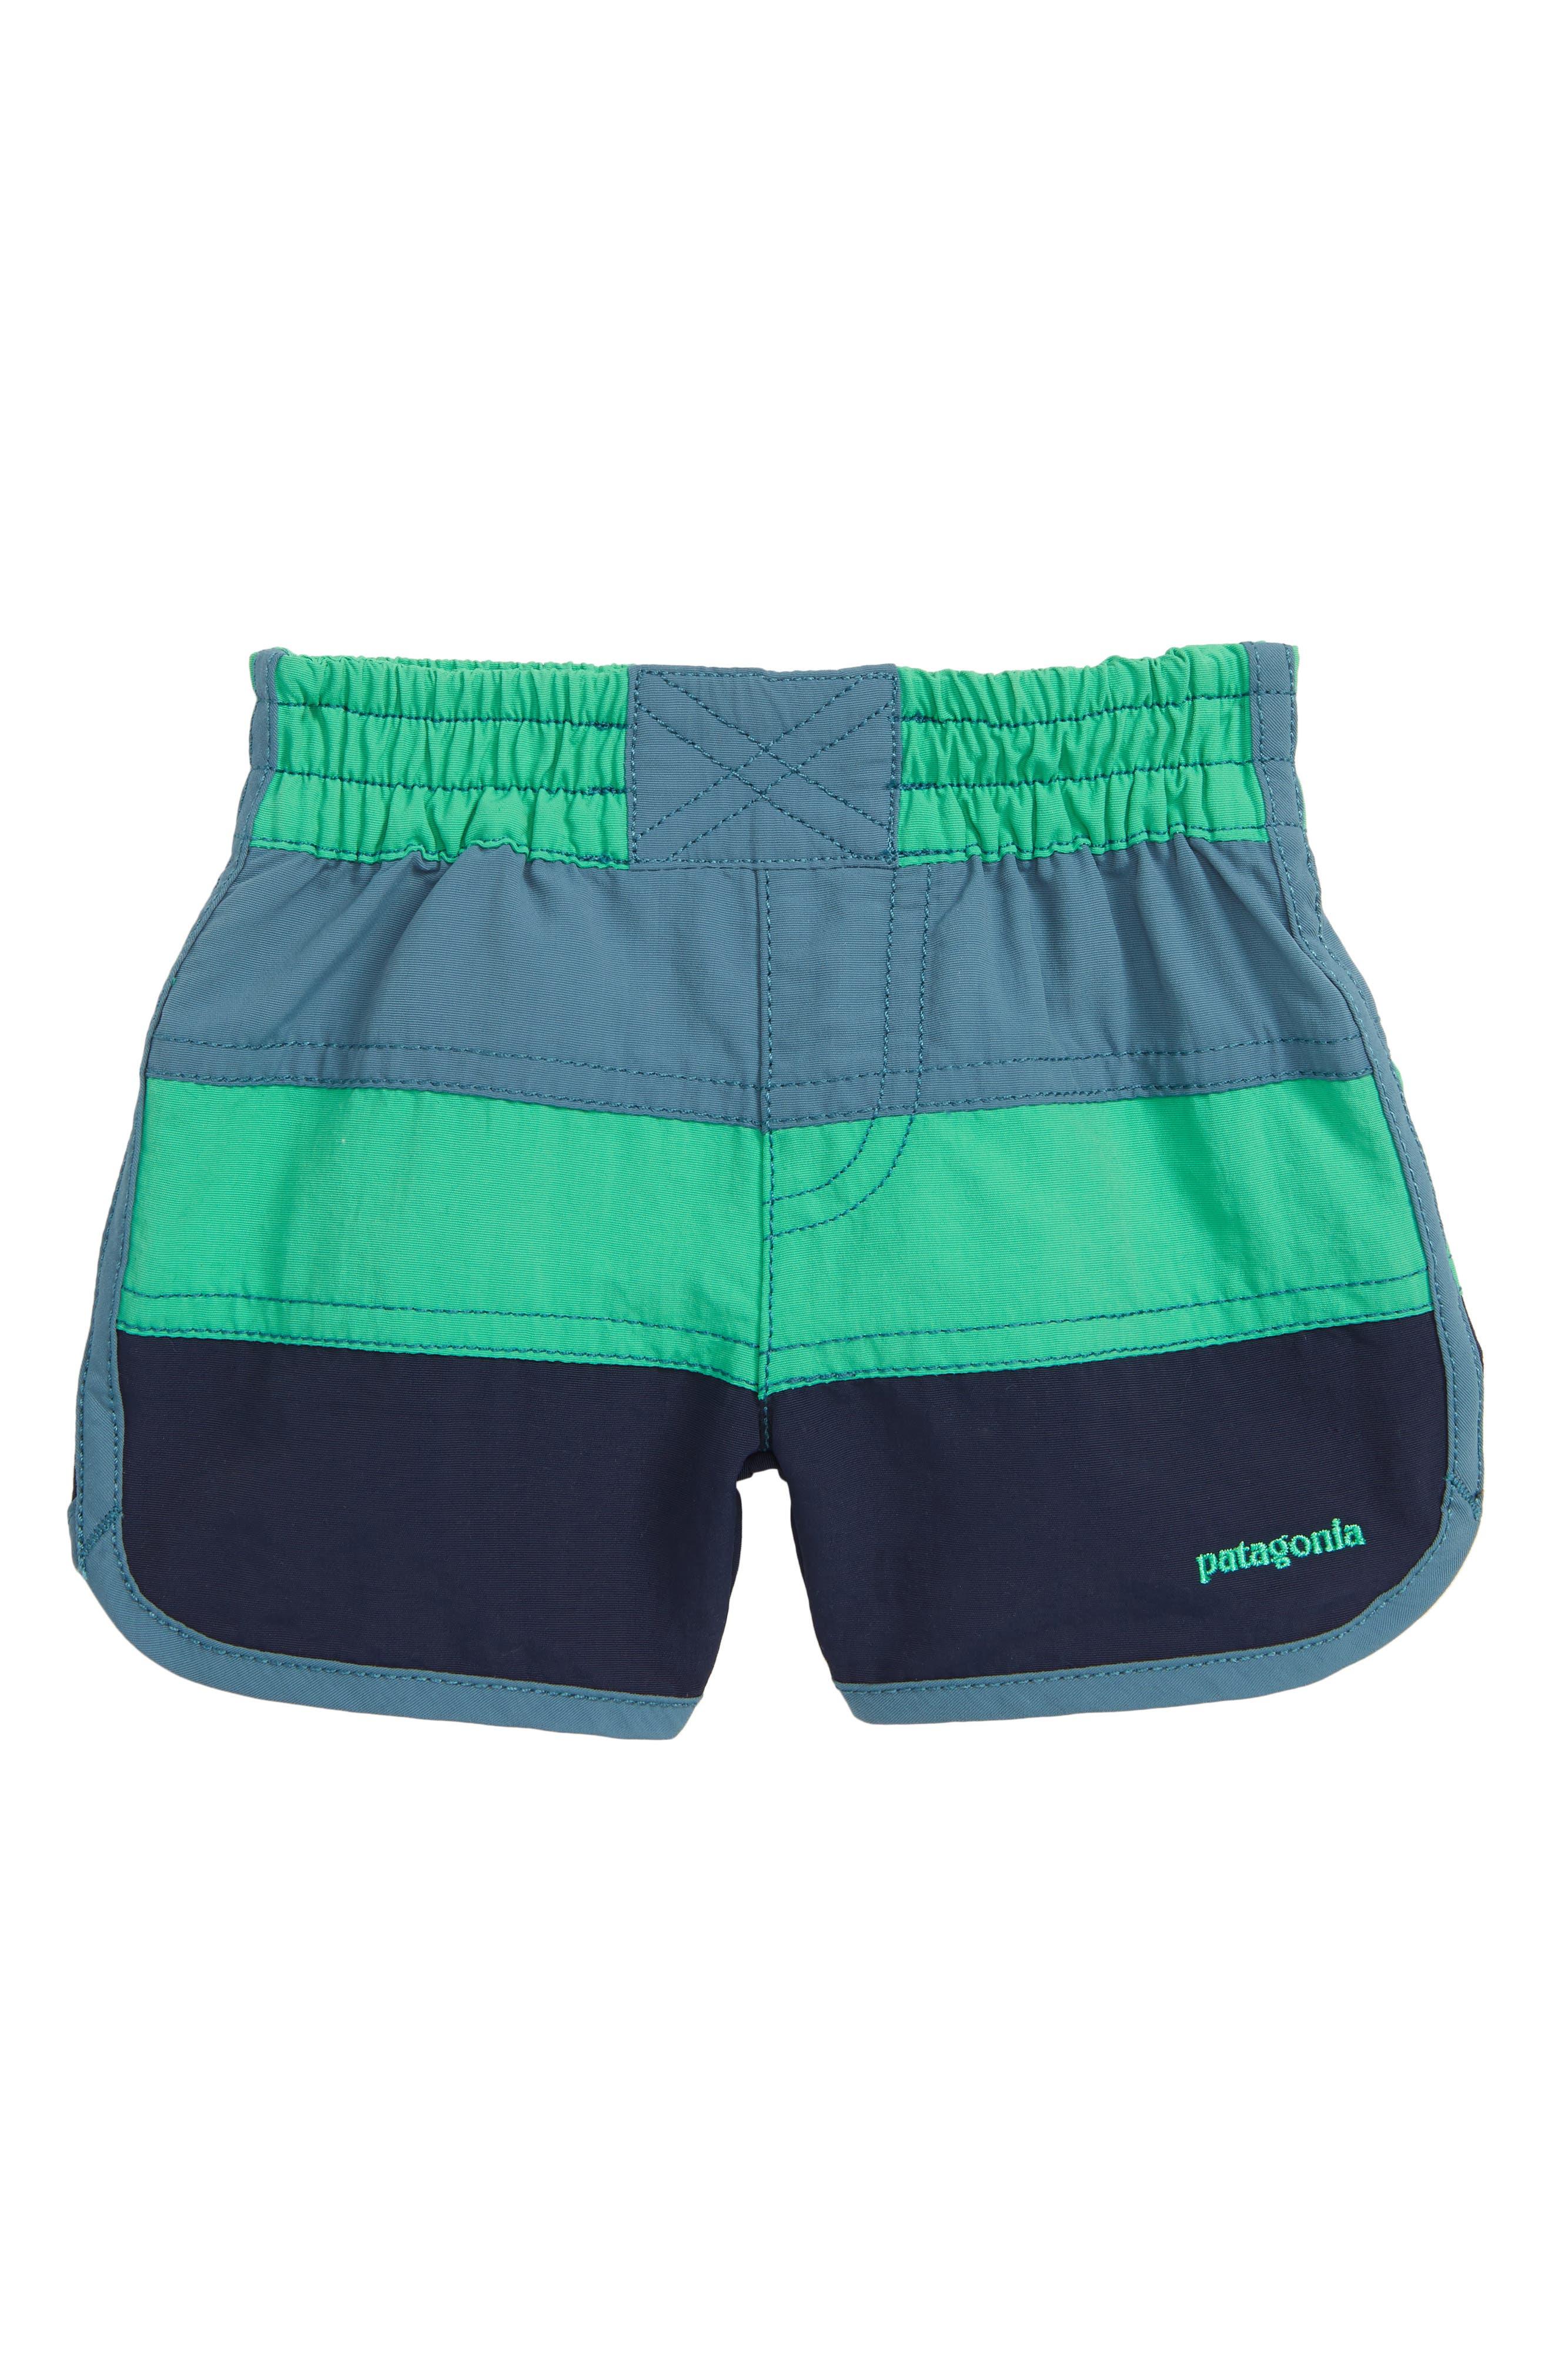 PATAGONIA Board Shorts, Main, color, 300